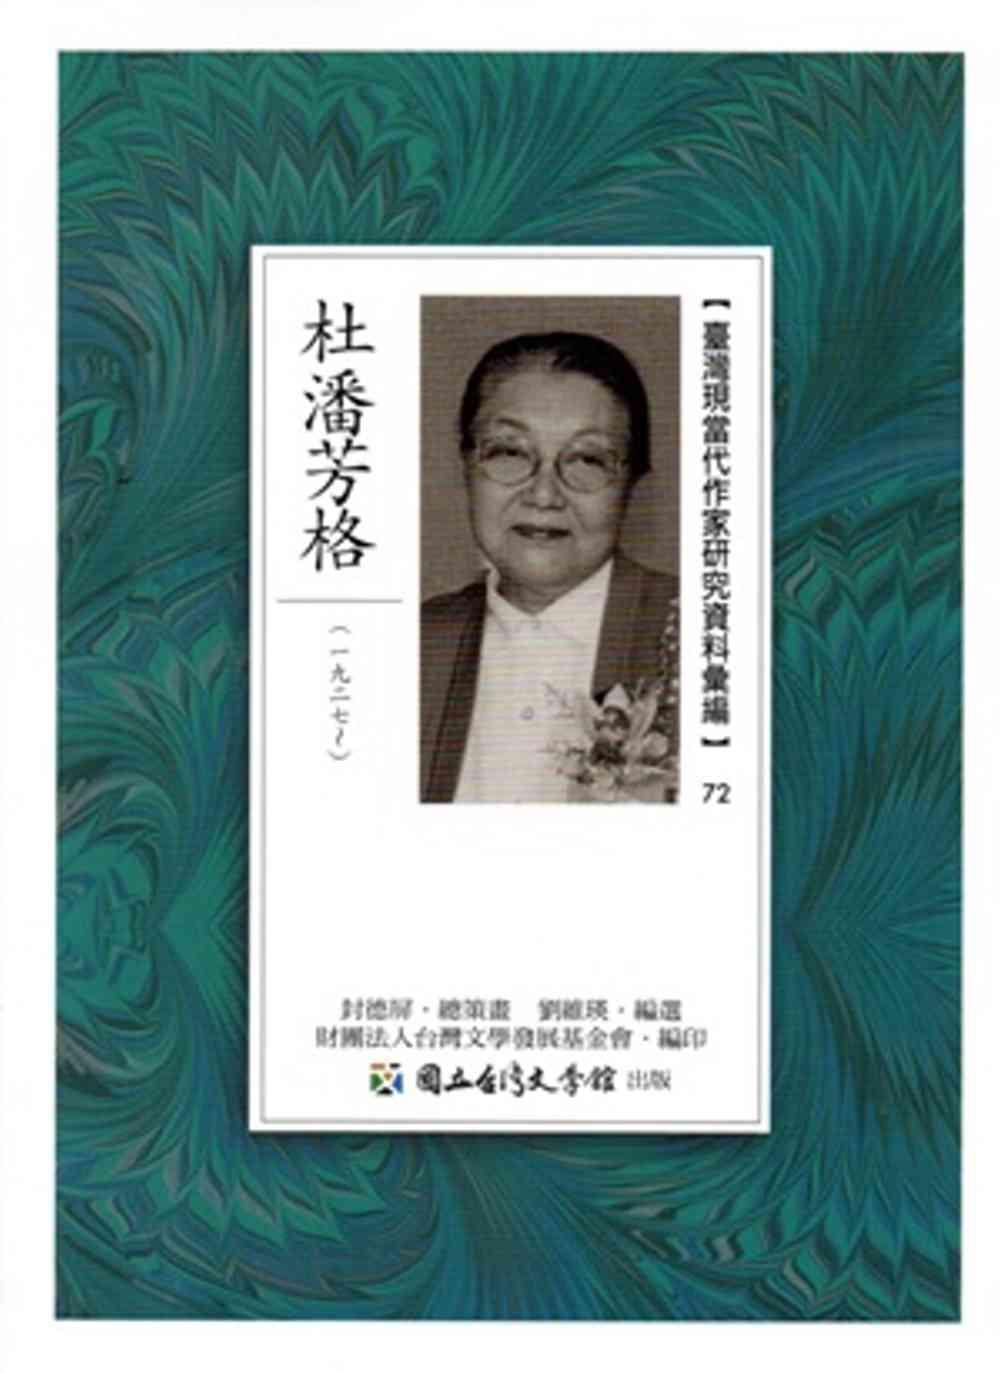 臺灣現當代作家研究資料彙編72:杜潘芳格